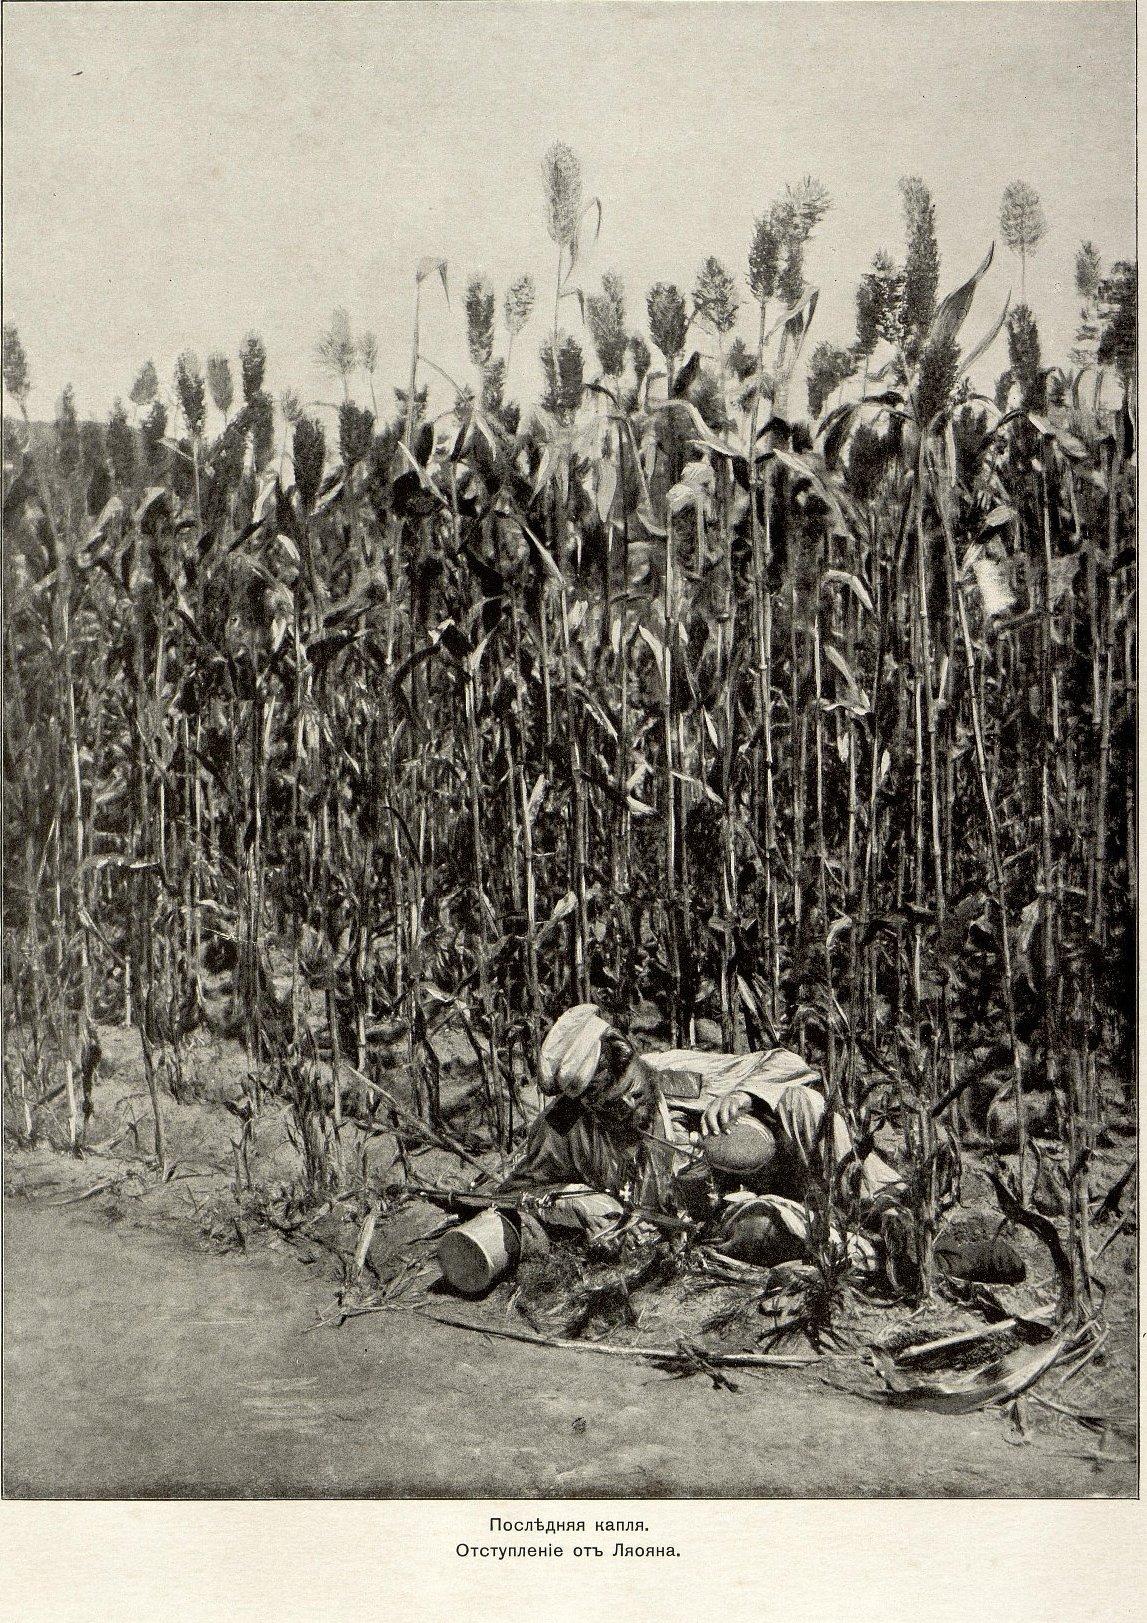 Прокудин-Горский С.М. Снимки из альбома «Русско-Японская война 1904-05 г.»